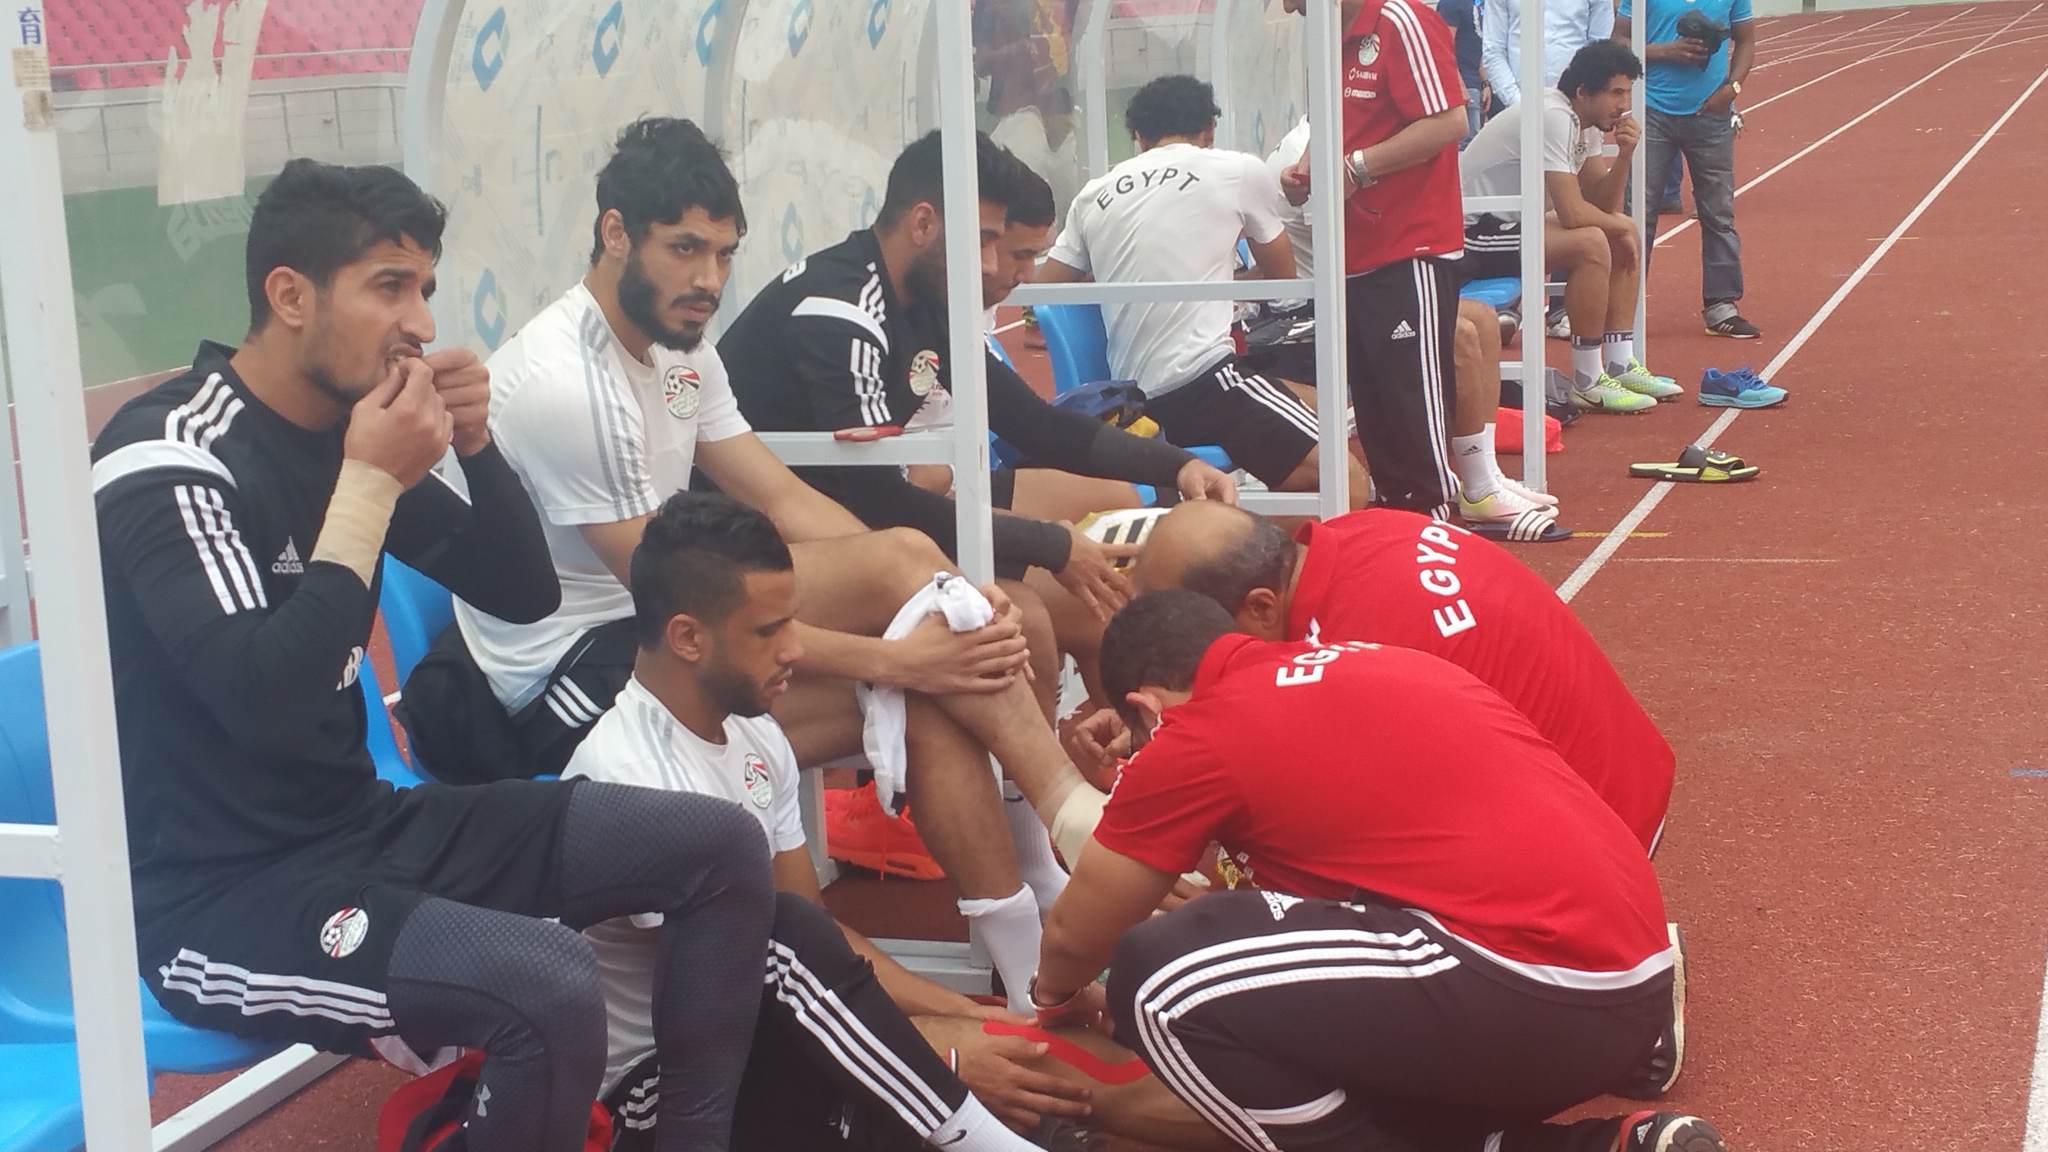 صور اخر تدريب للمنتخب المصري قبل مواجهة الكونغو غدا 9-10-2016